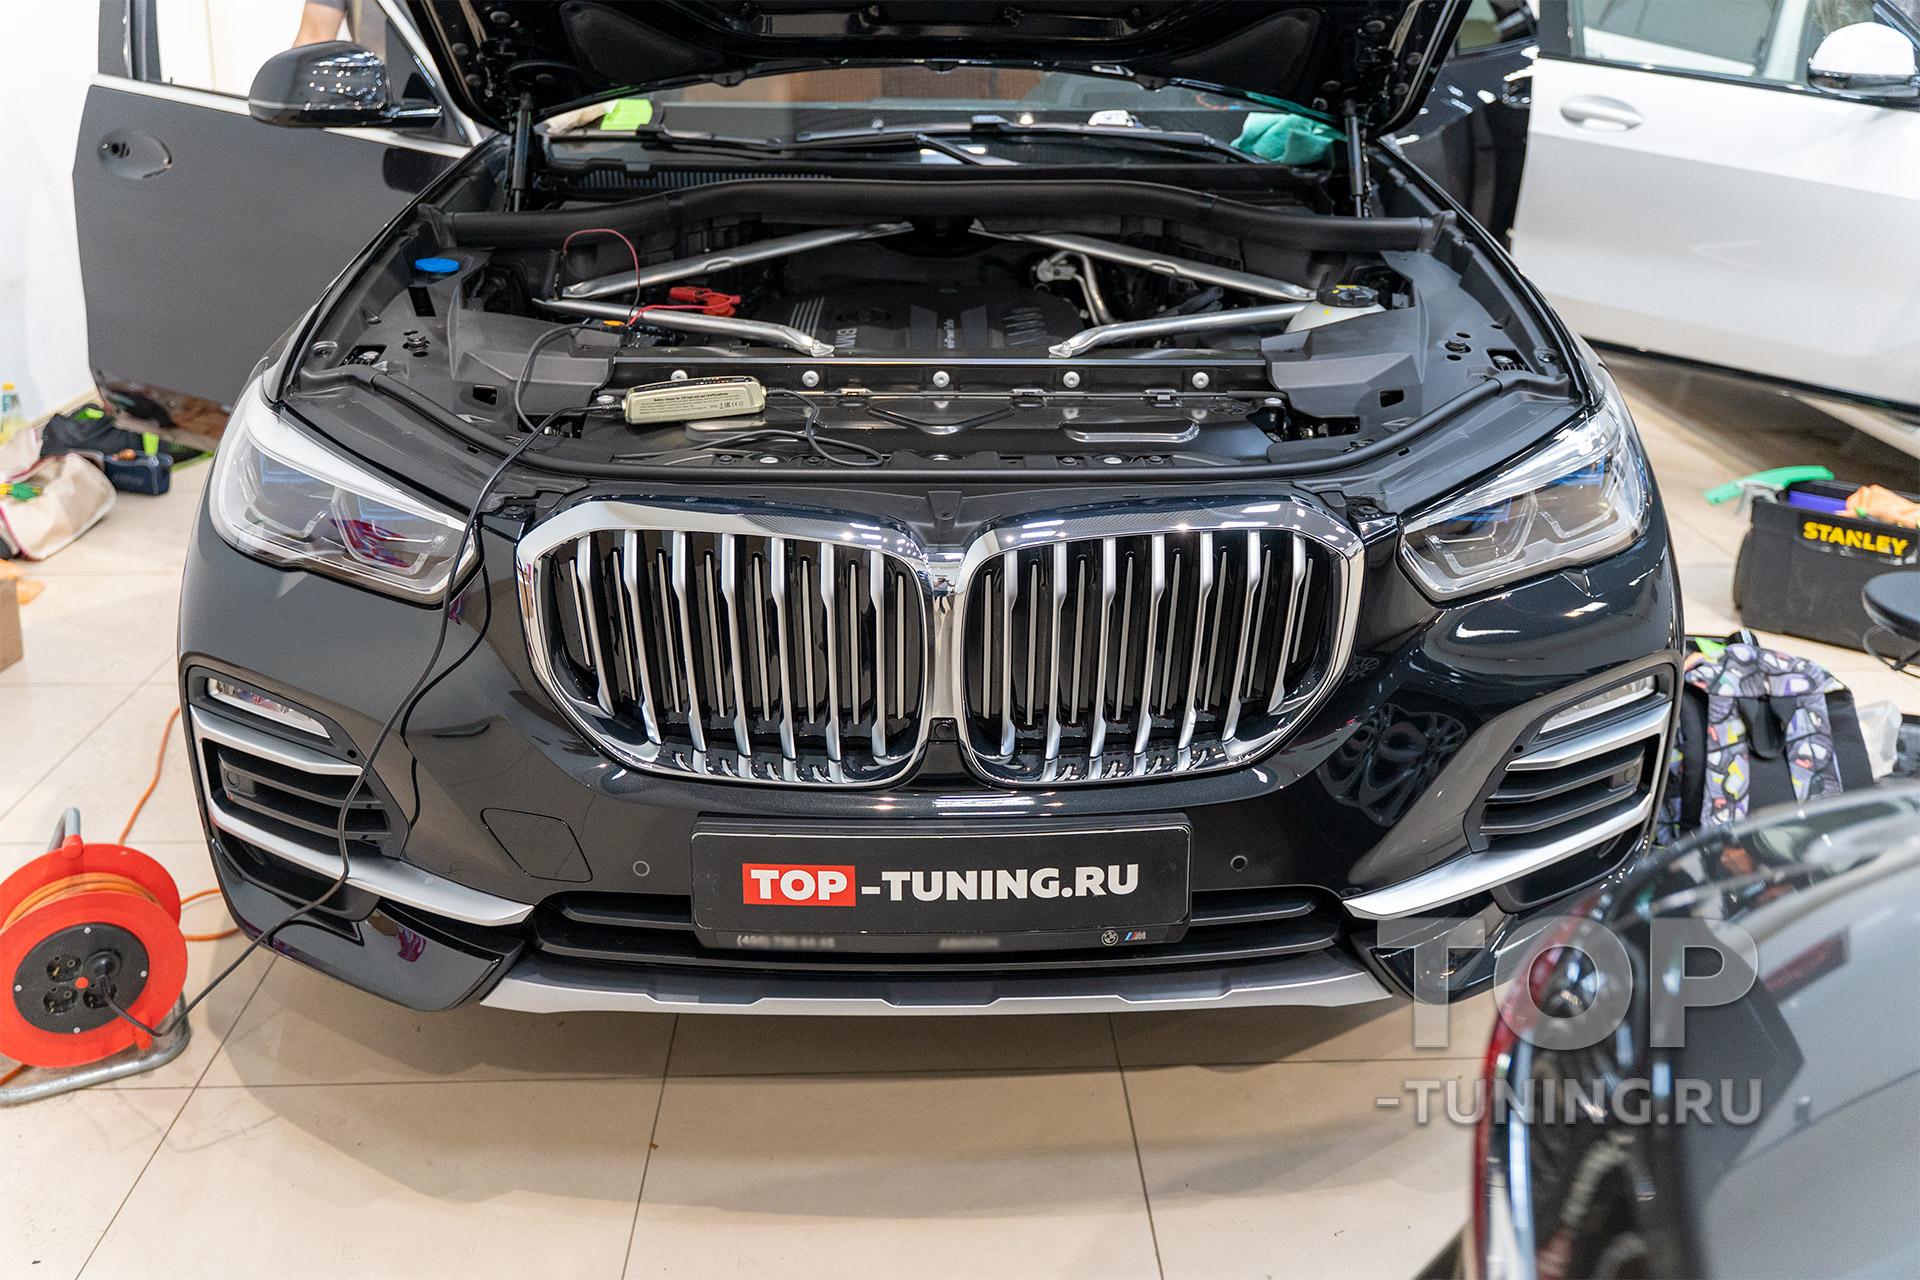 Как не попасть на удочку дилеров! Показываем на примере нового BMW X5 G05 с допами сомнительного качества